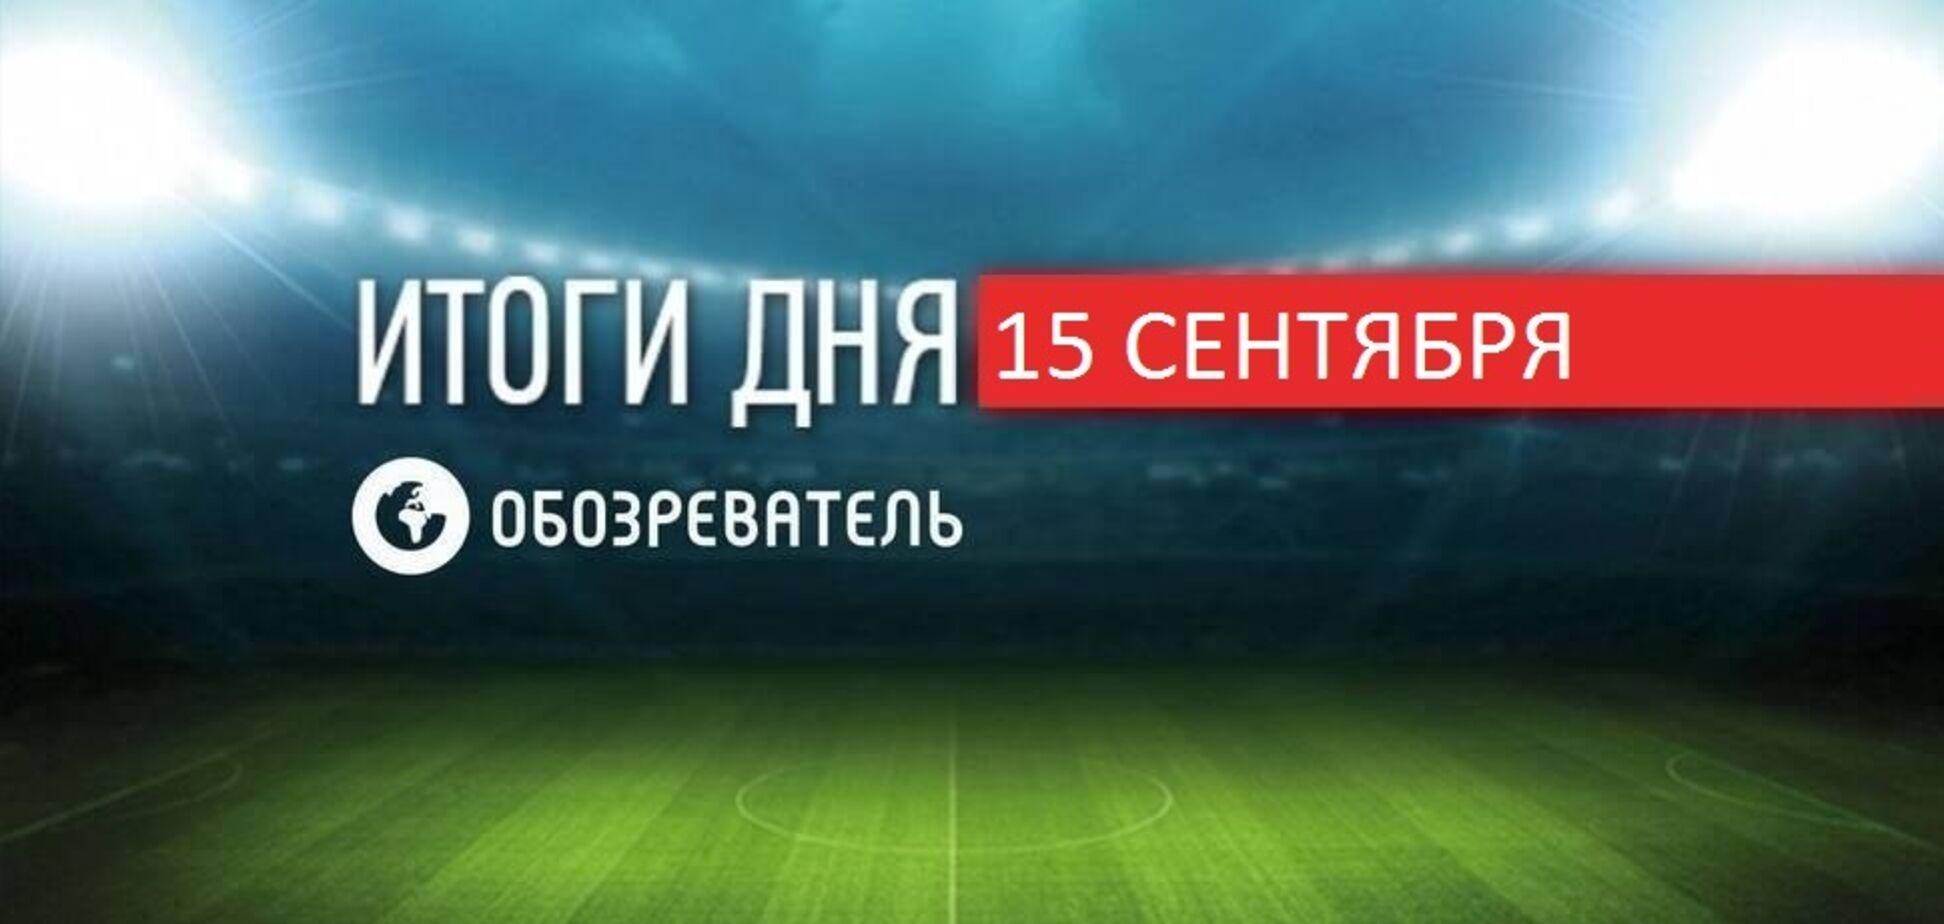 'Динамо' перемогло АЗ та вийшло до плей-оф ЛЧ: спортивні підсумки 15-вересня